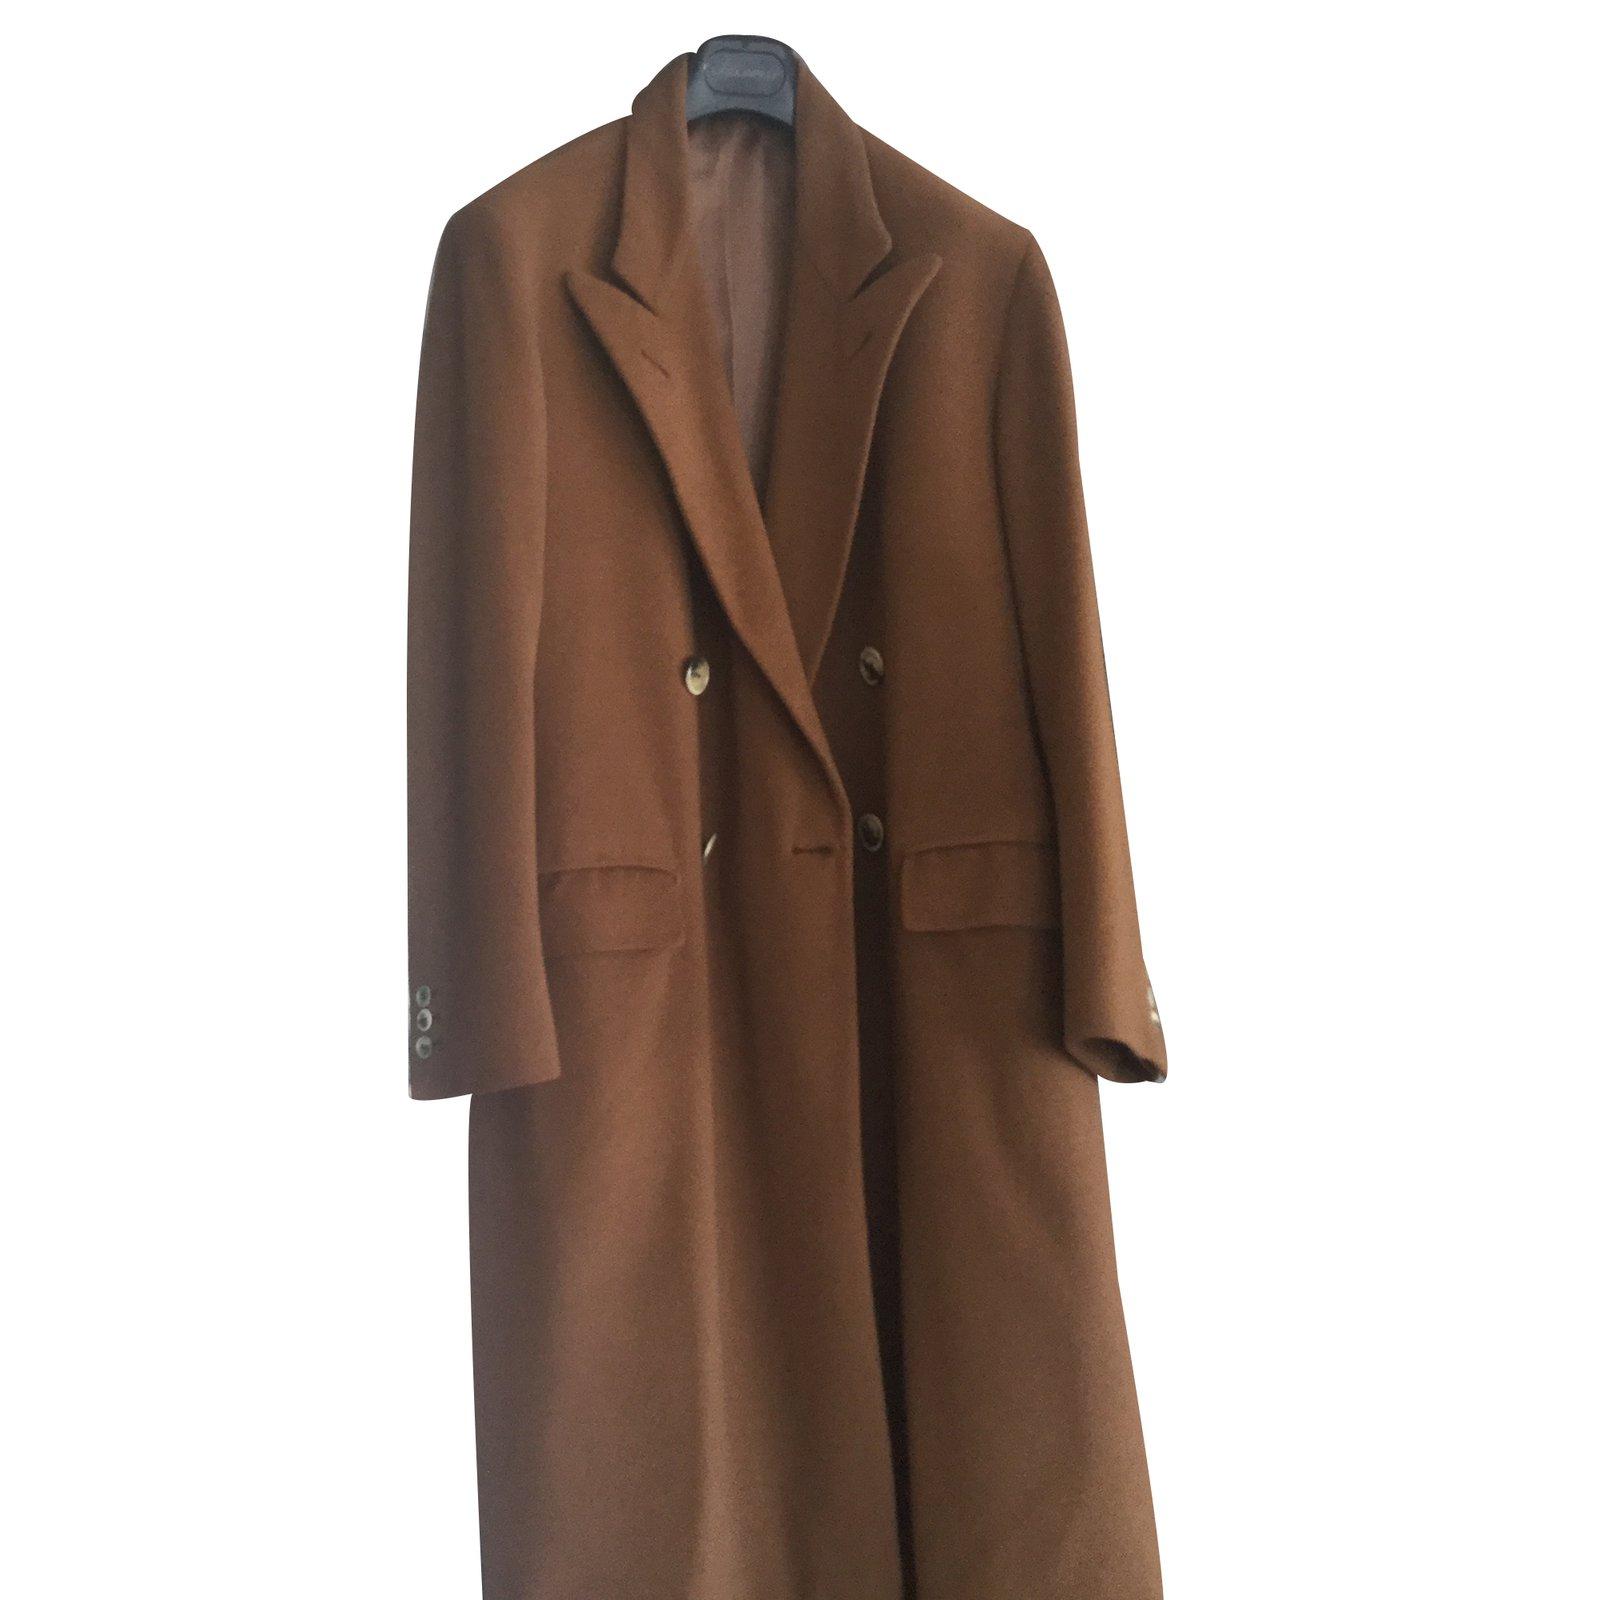 manteaux homme loro piana manteau crois vigogne cachemire cognac joli closet. Black Bedroom Furniture Sets. Home Design Ideas